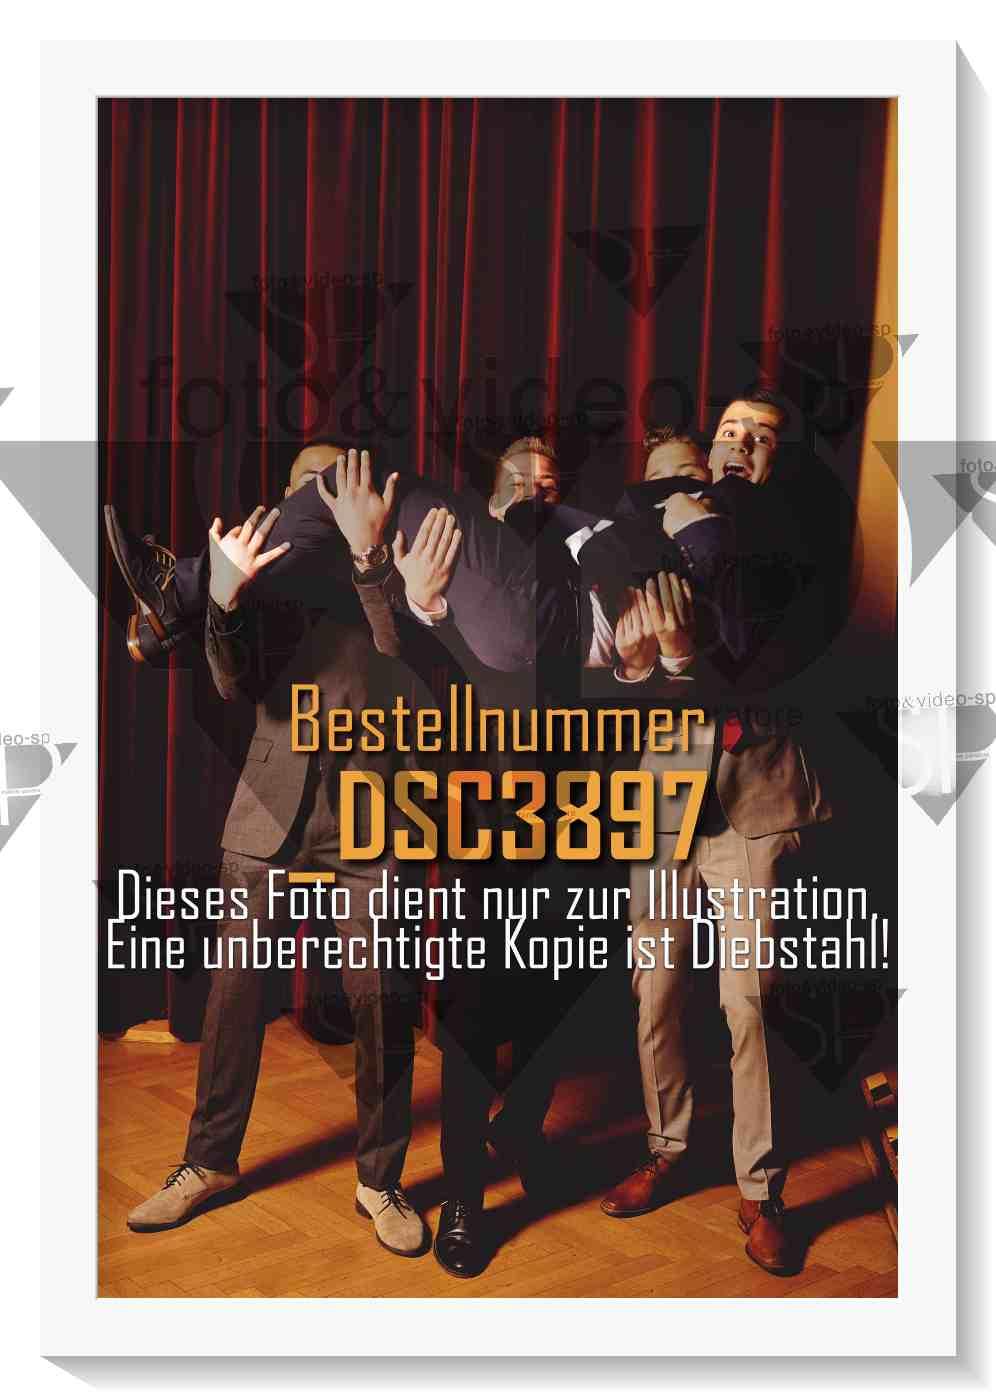 DSC3897